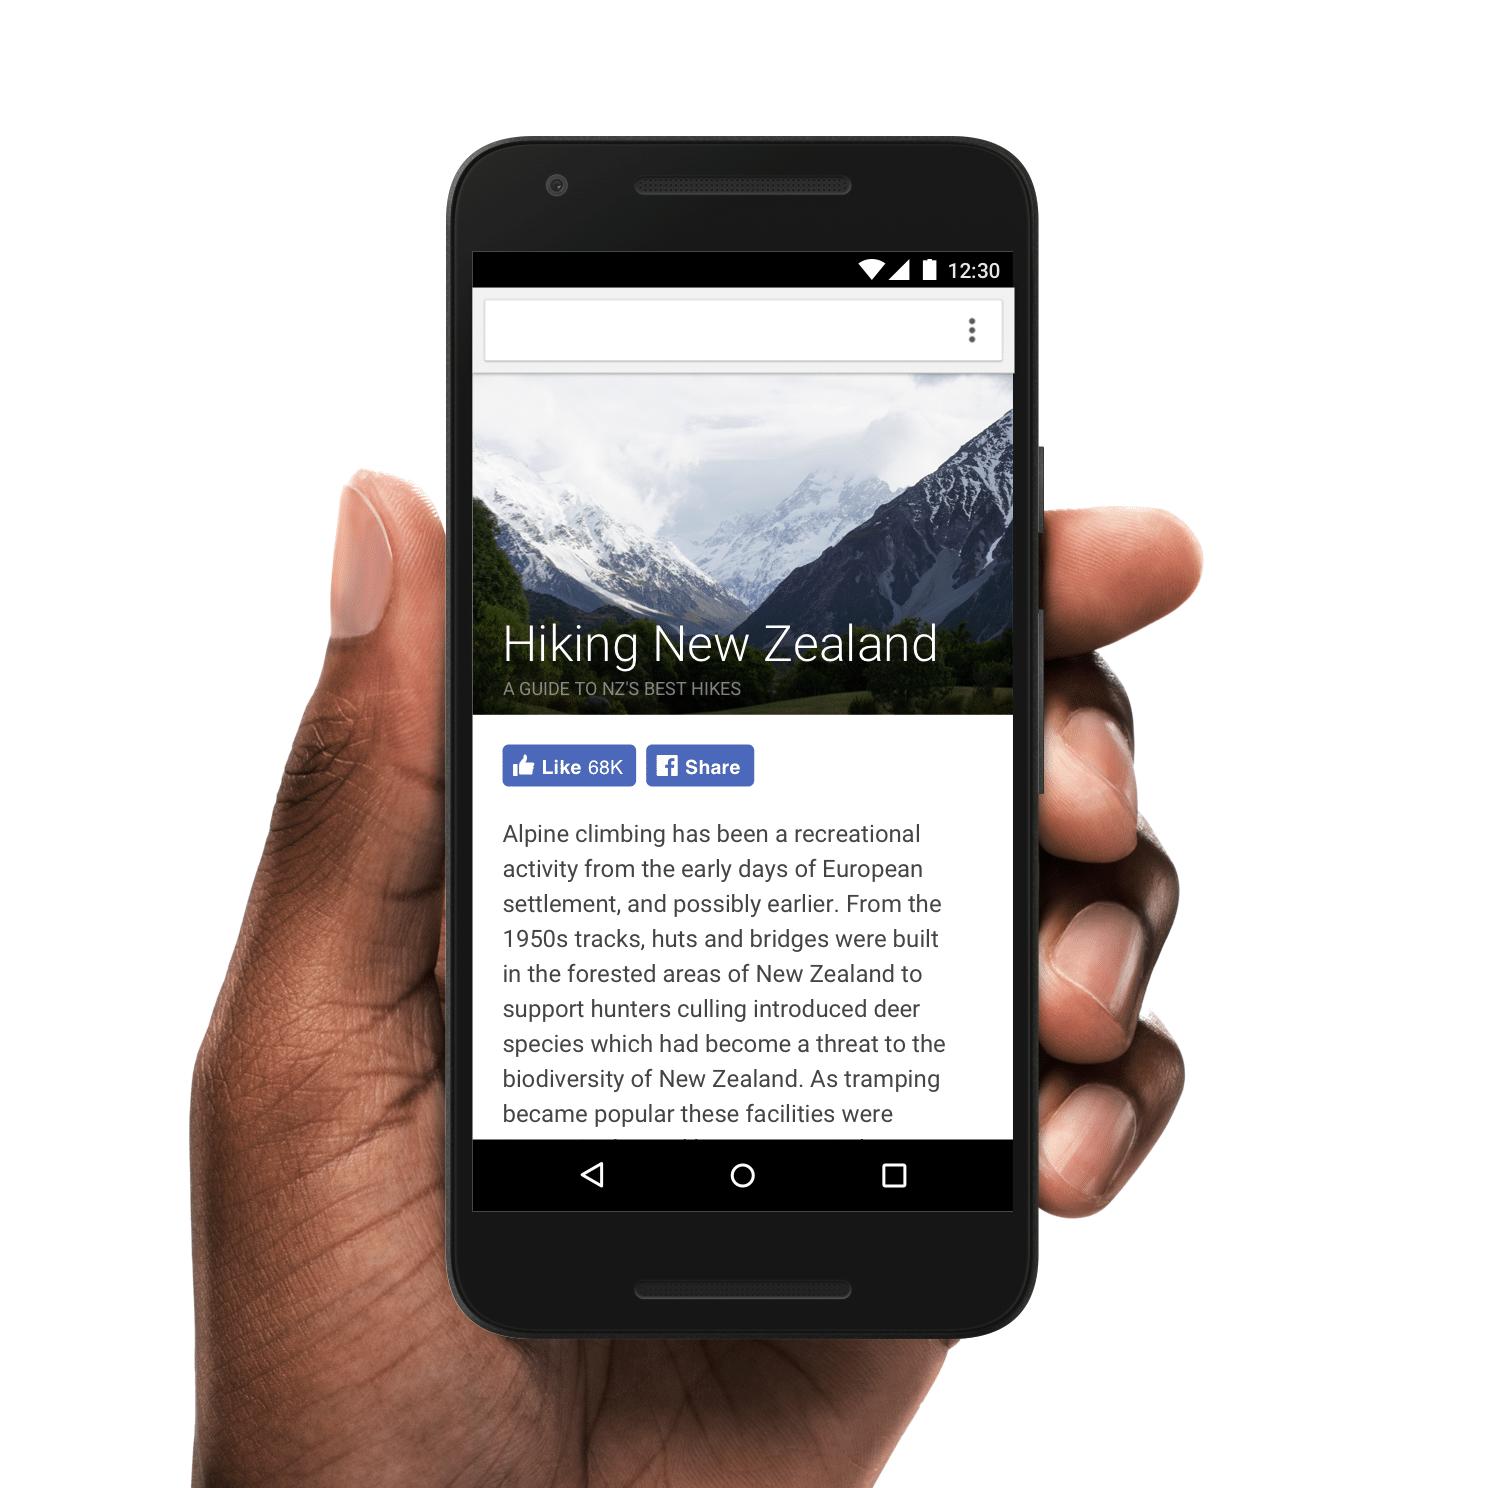 出典元:New Ways to Share, Save and Engage - 開発者向けFacebook